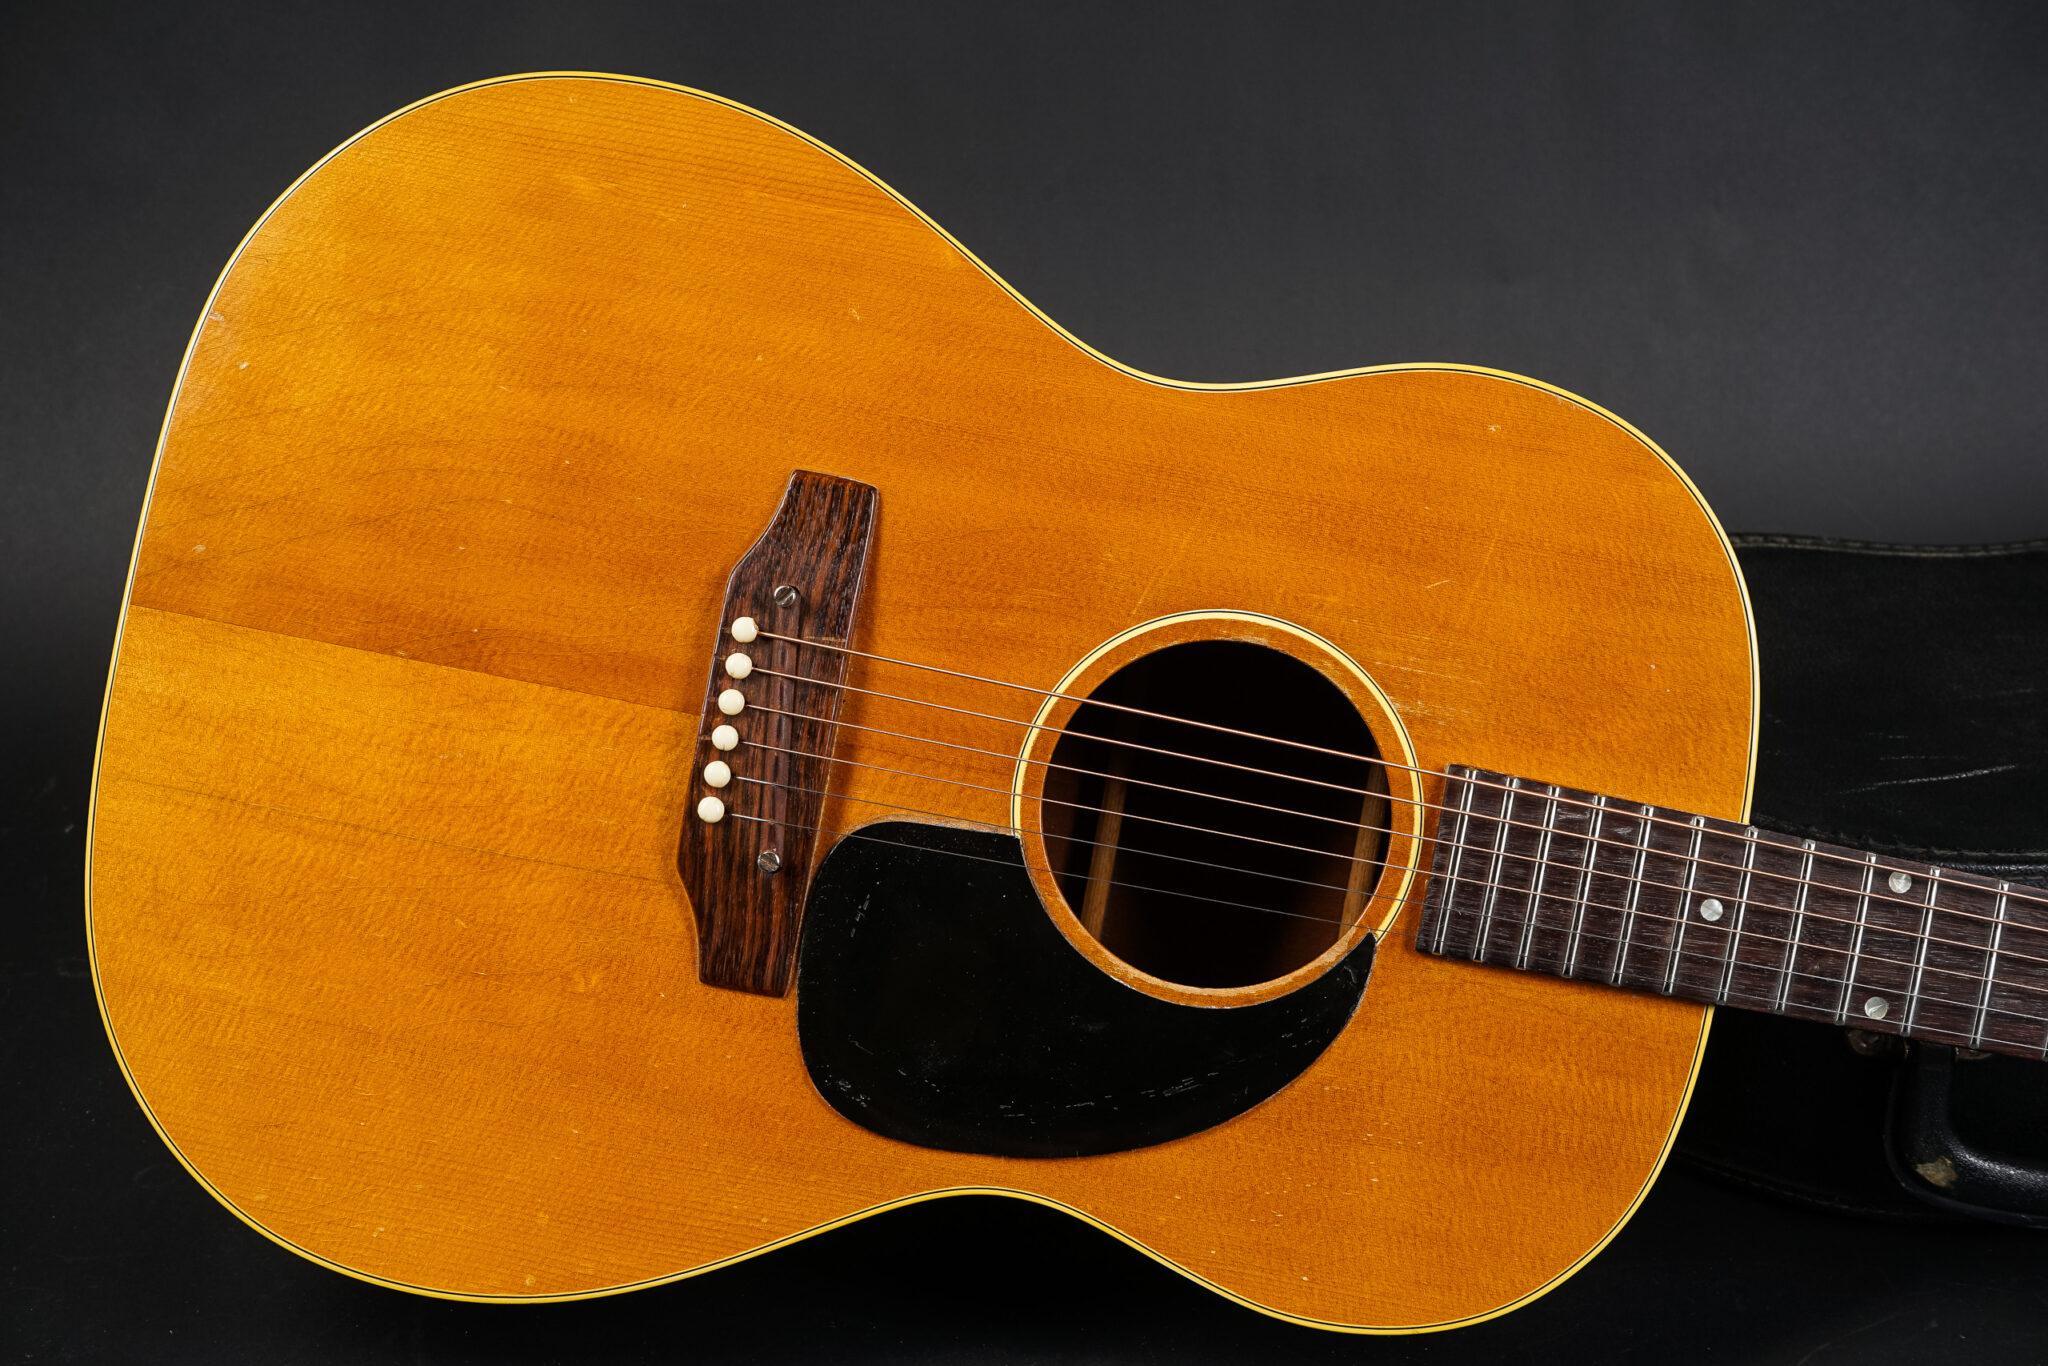 https://guitarpoint.de/app/uploads/products/1968-gibson-b-25n-natural-2/1970-Gibson-B25-962597-8-2048x1366.jpg